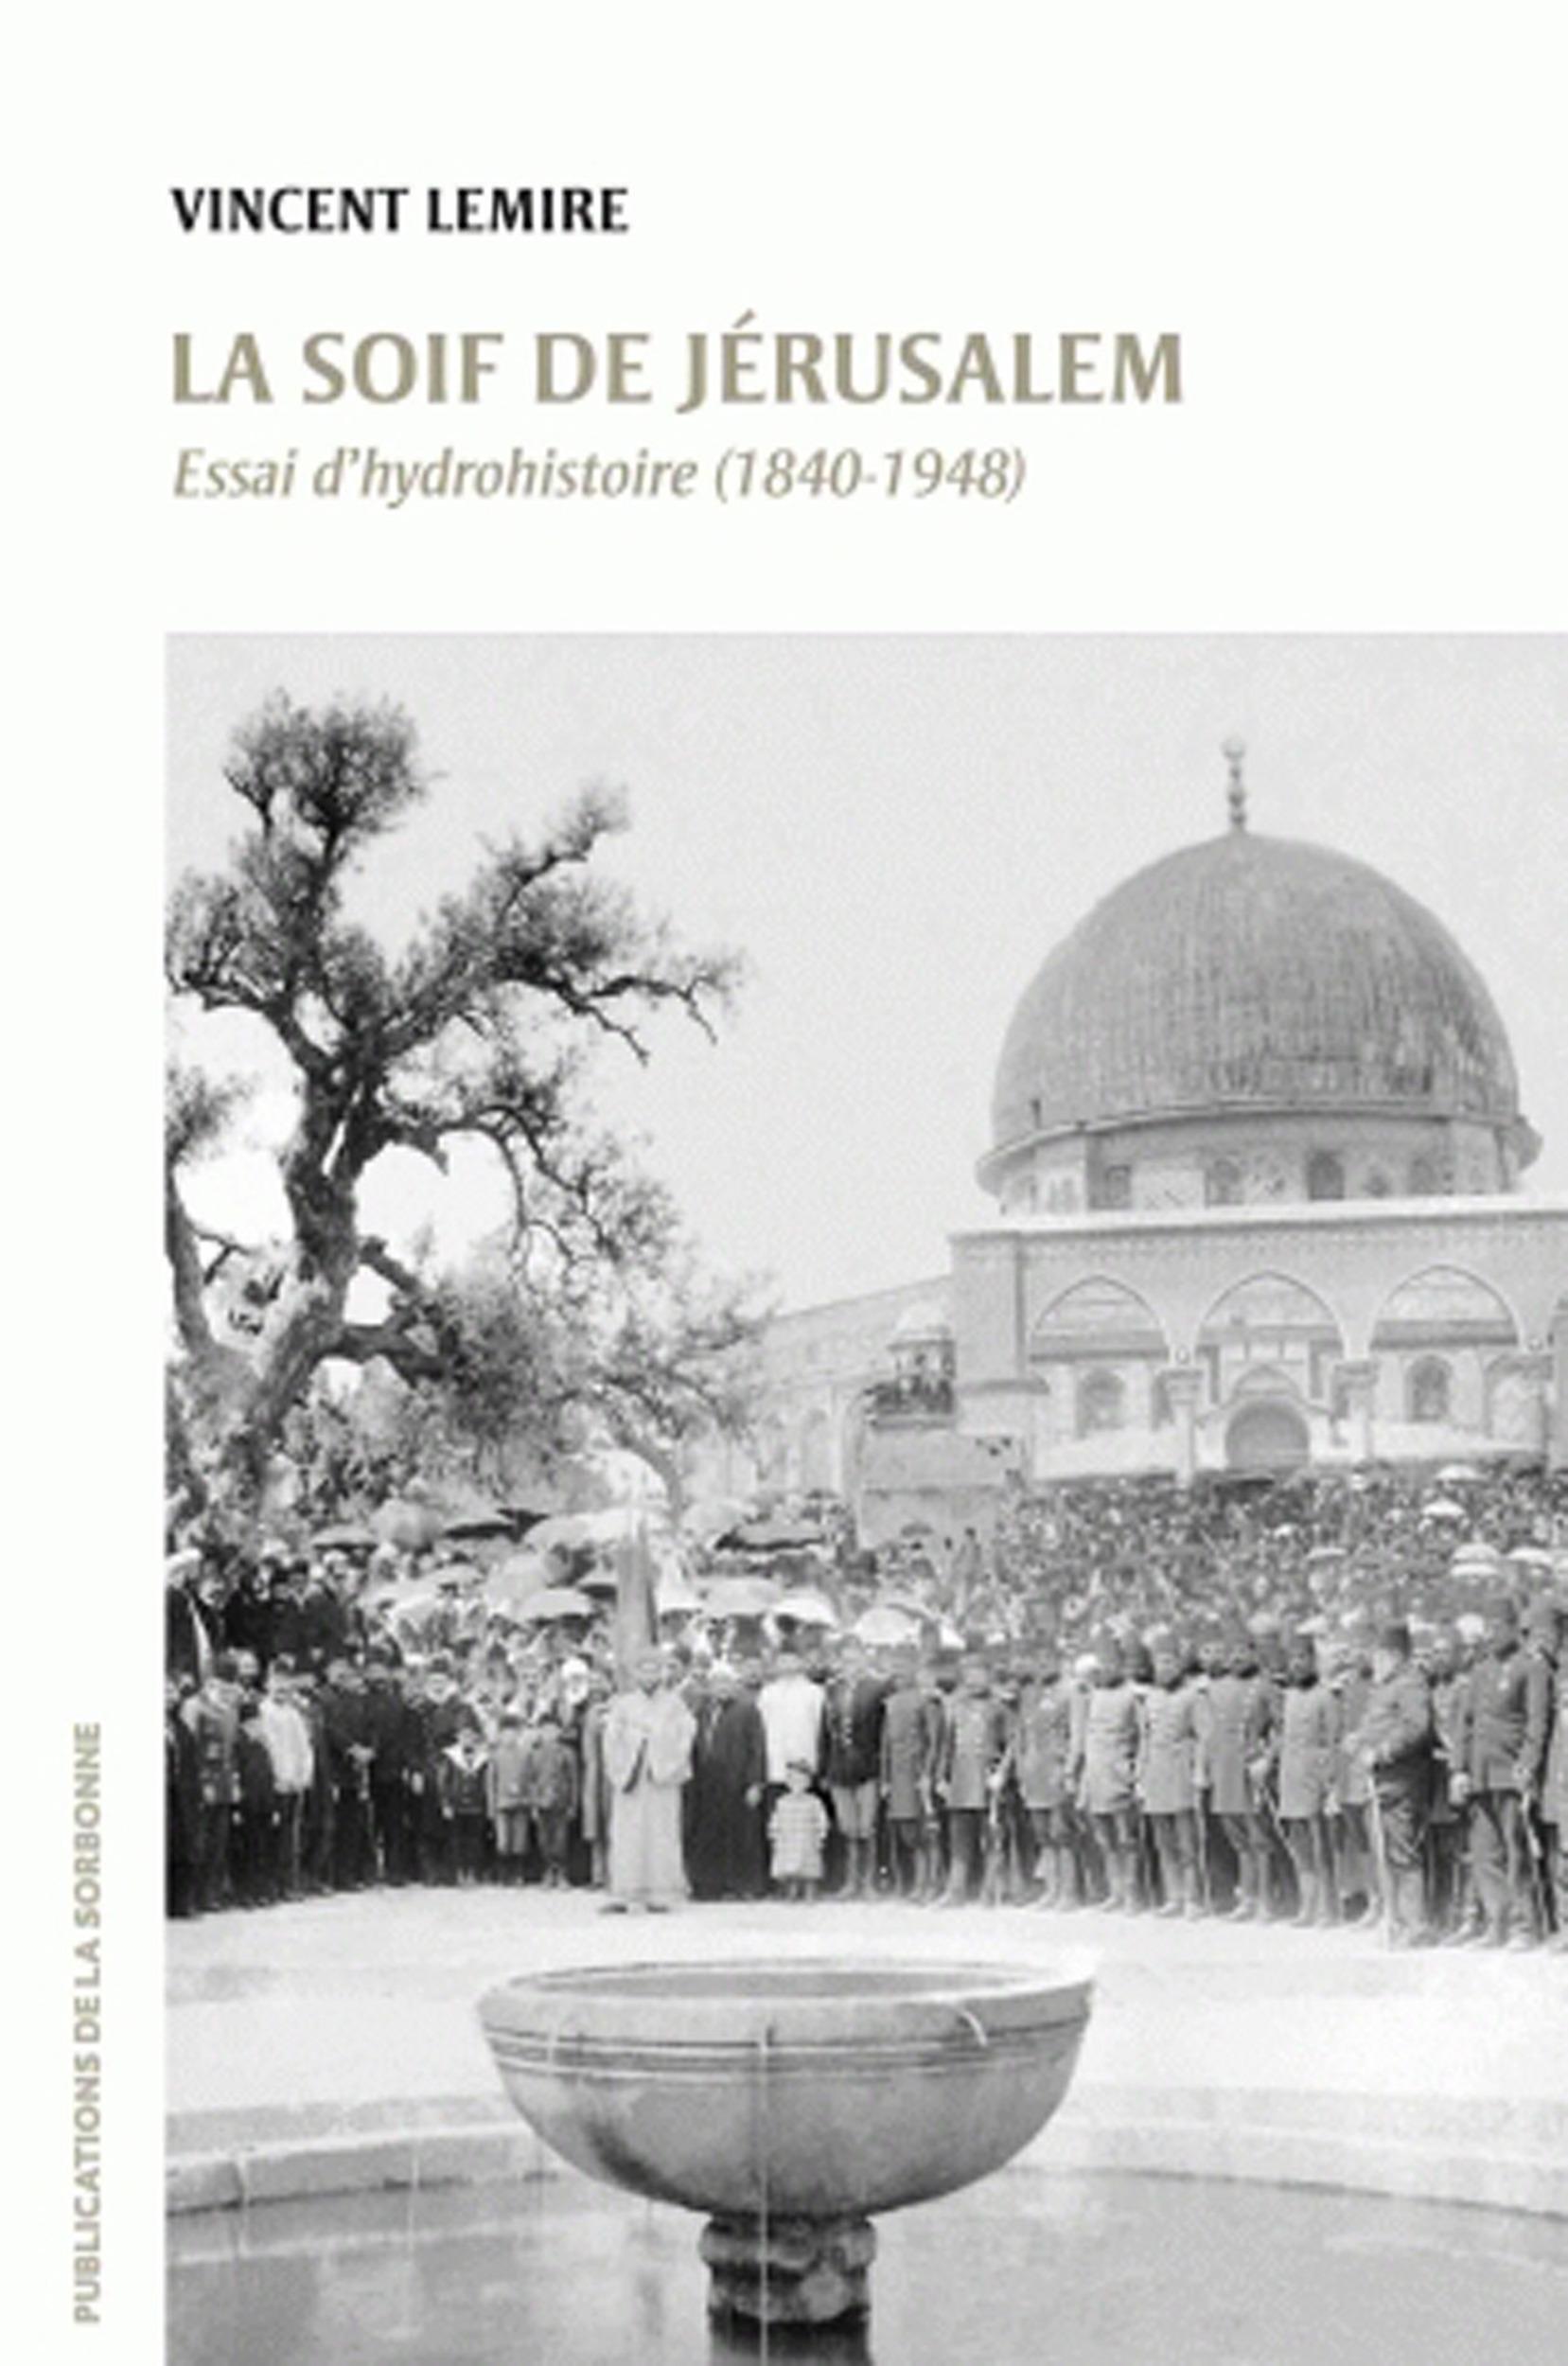 La soif de Jérusalem ; essai d'hydrohistoire (1840-1948)